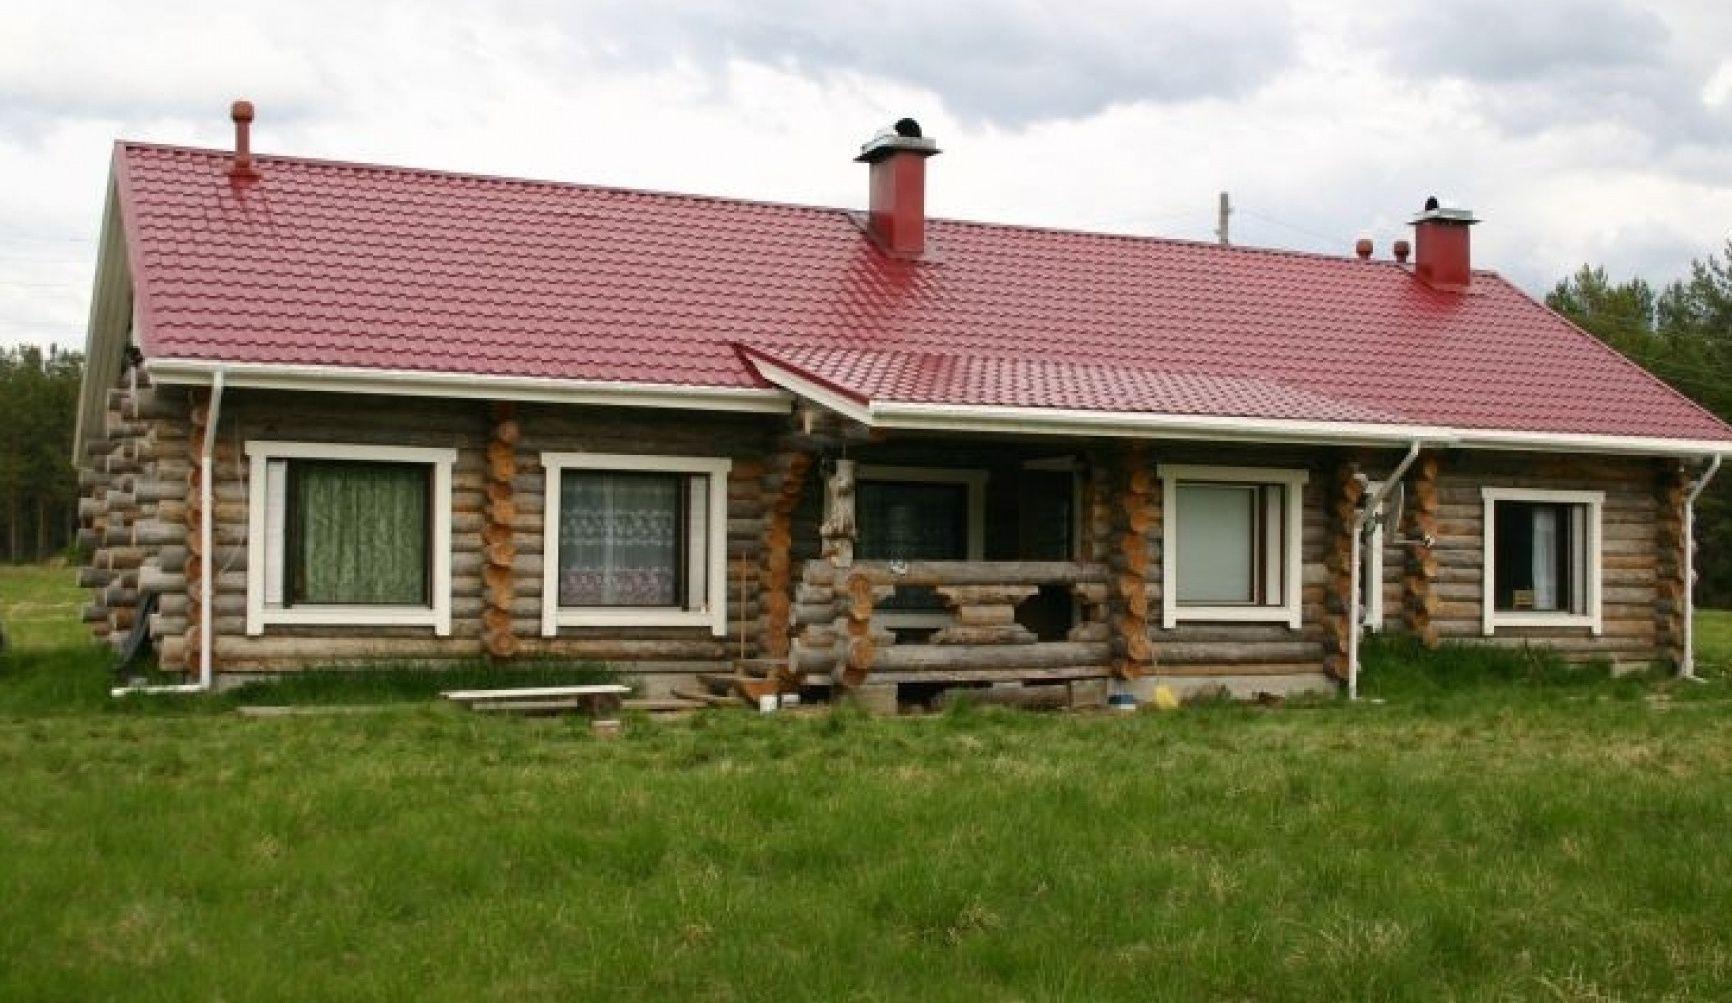 Гостевой дом «Тууликки» Республика Карелия Дом , фото 1